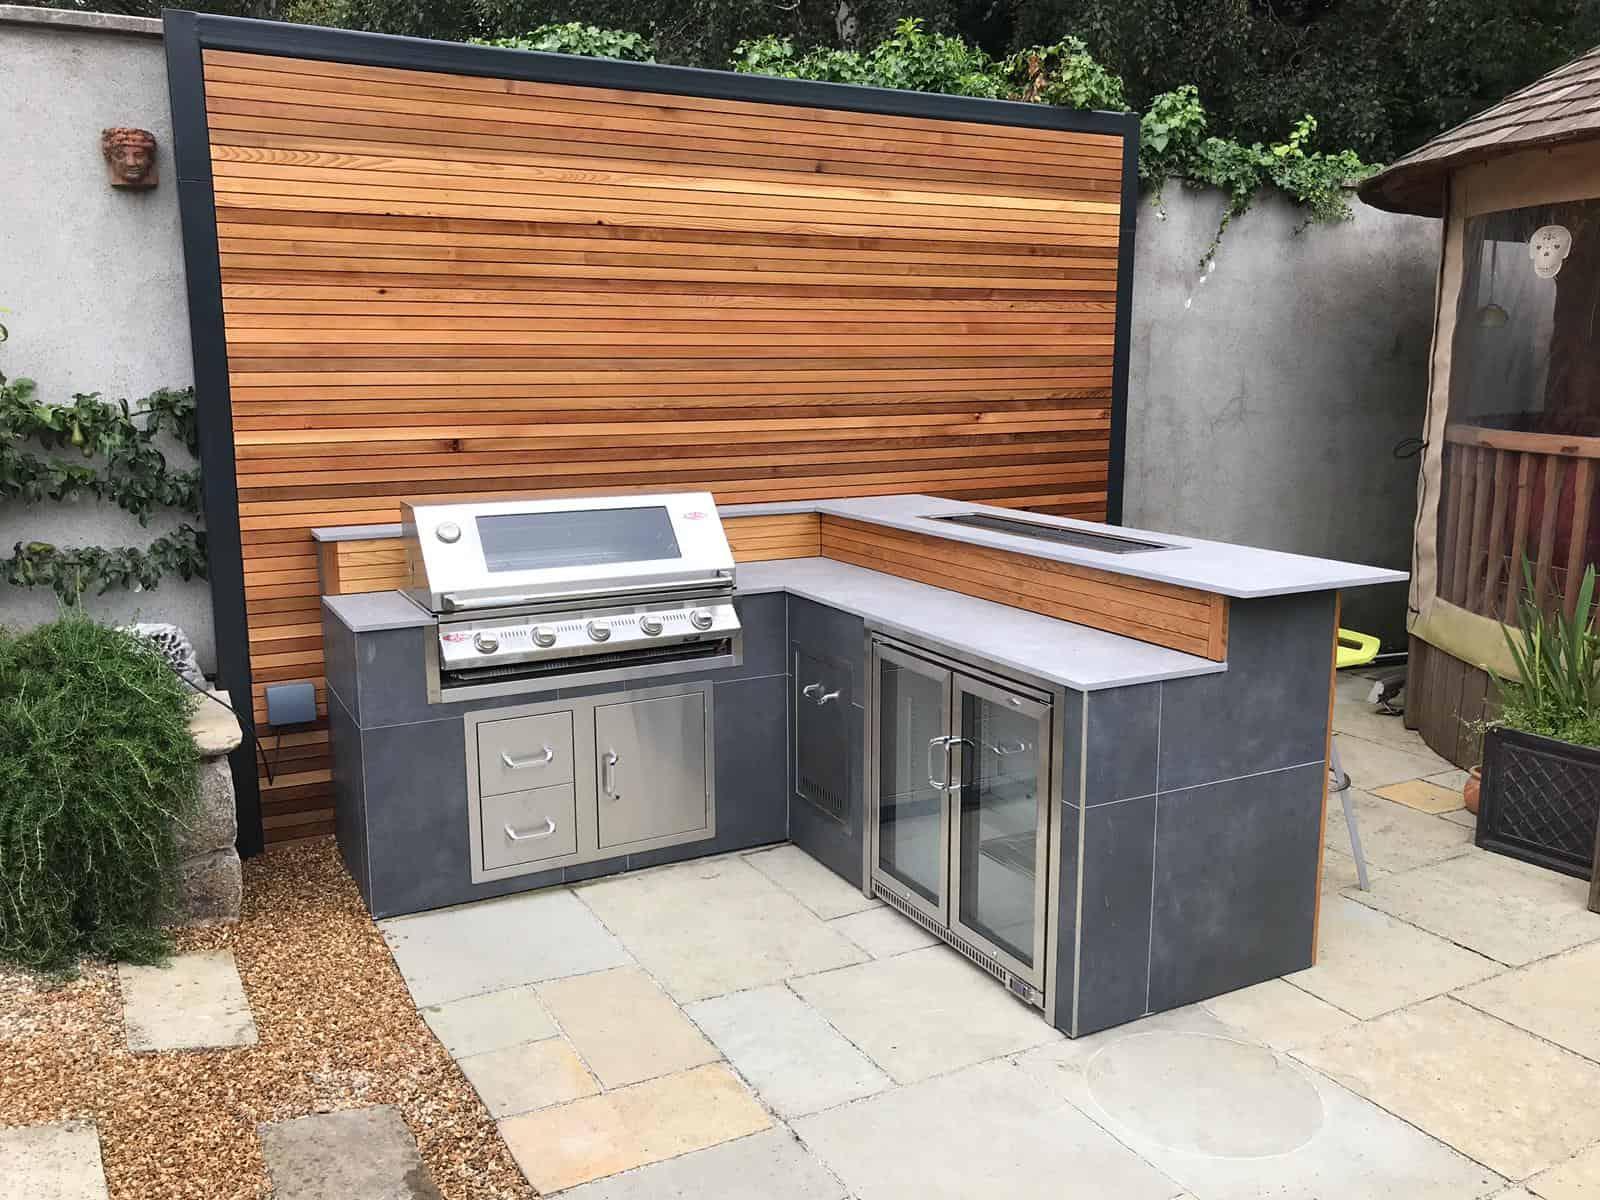 Outdoor Kitchens & Built In BBQs | Outdoor.ie